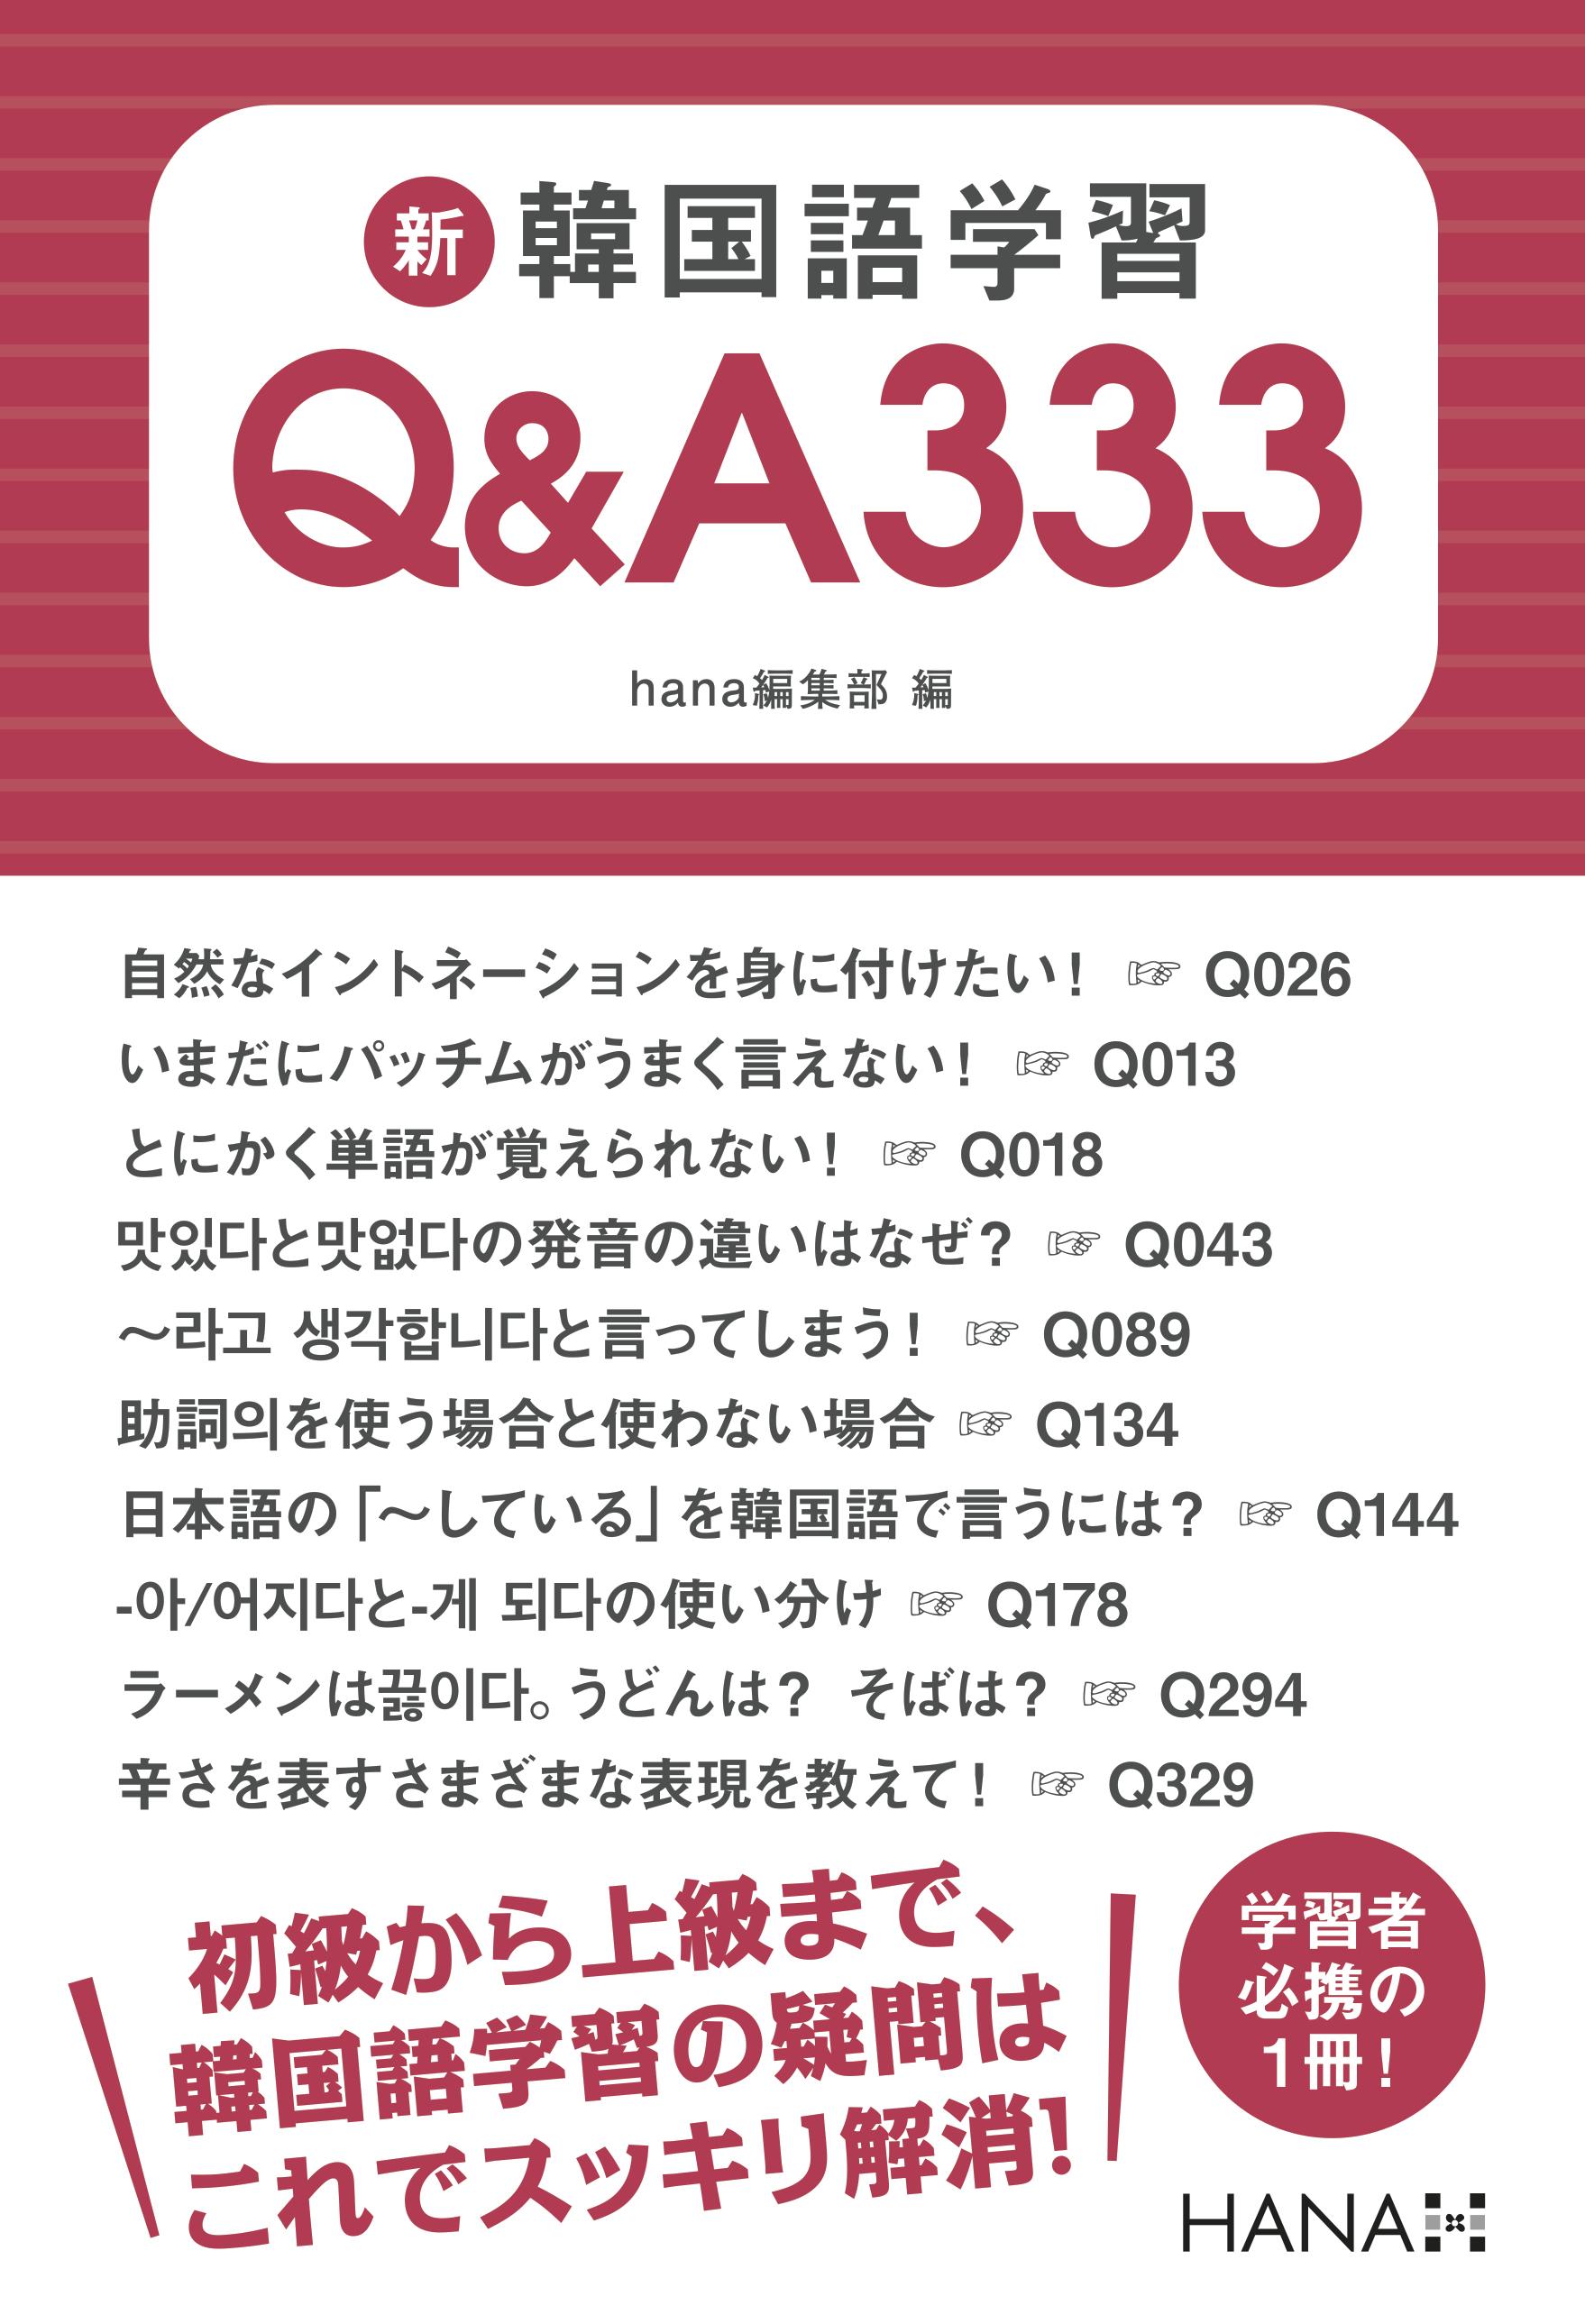 新韓国語学習Q&A333のイメージ